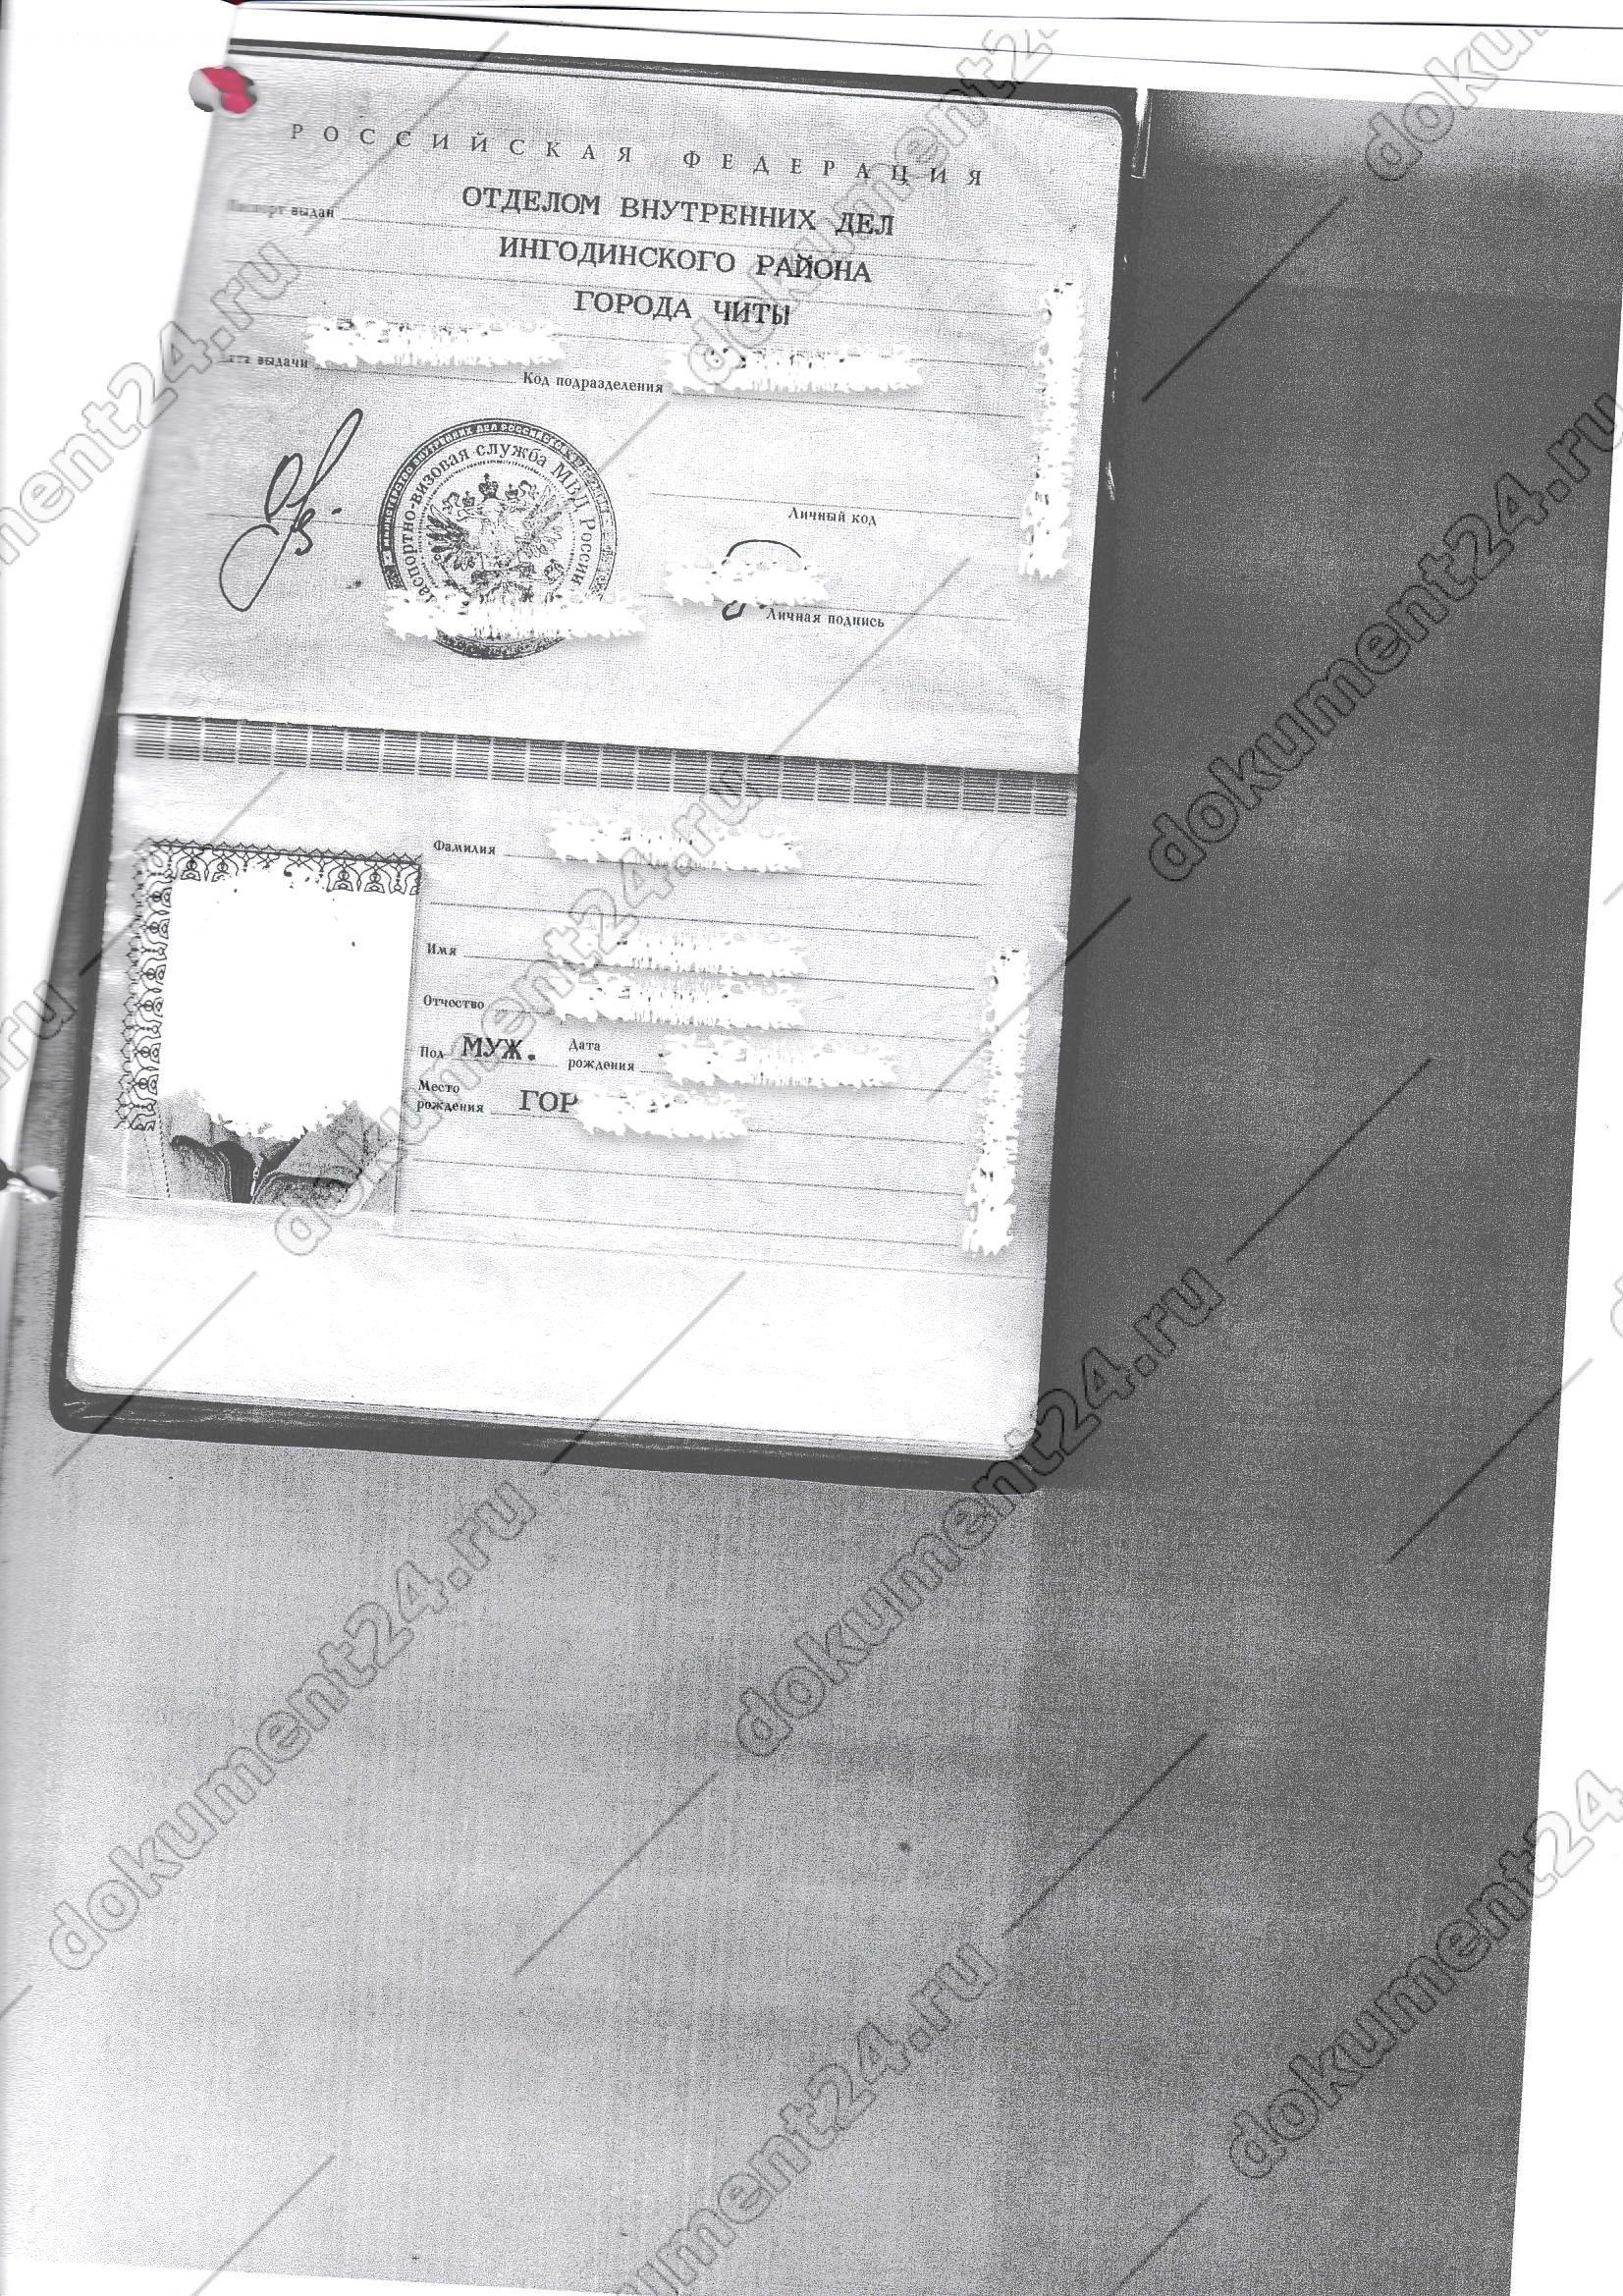 legalizatsiya rossiiskogo pasporta kitai